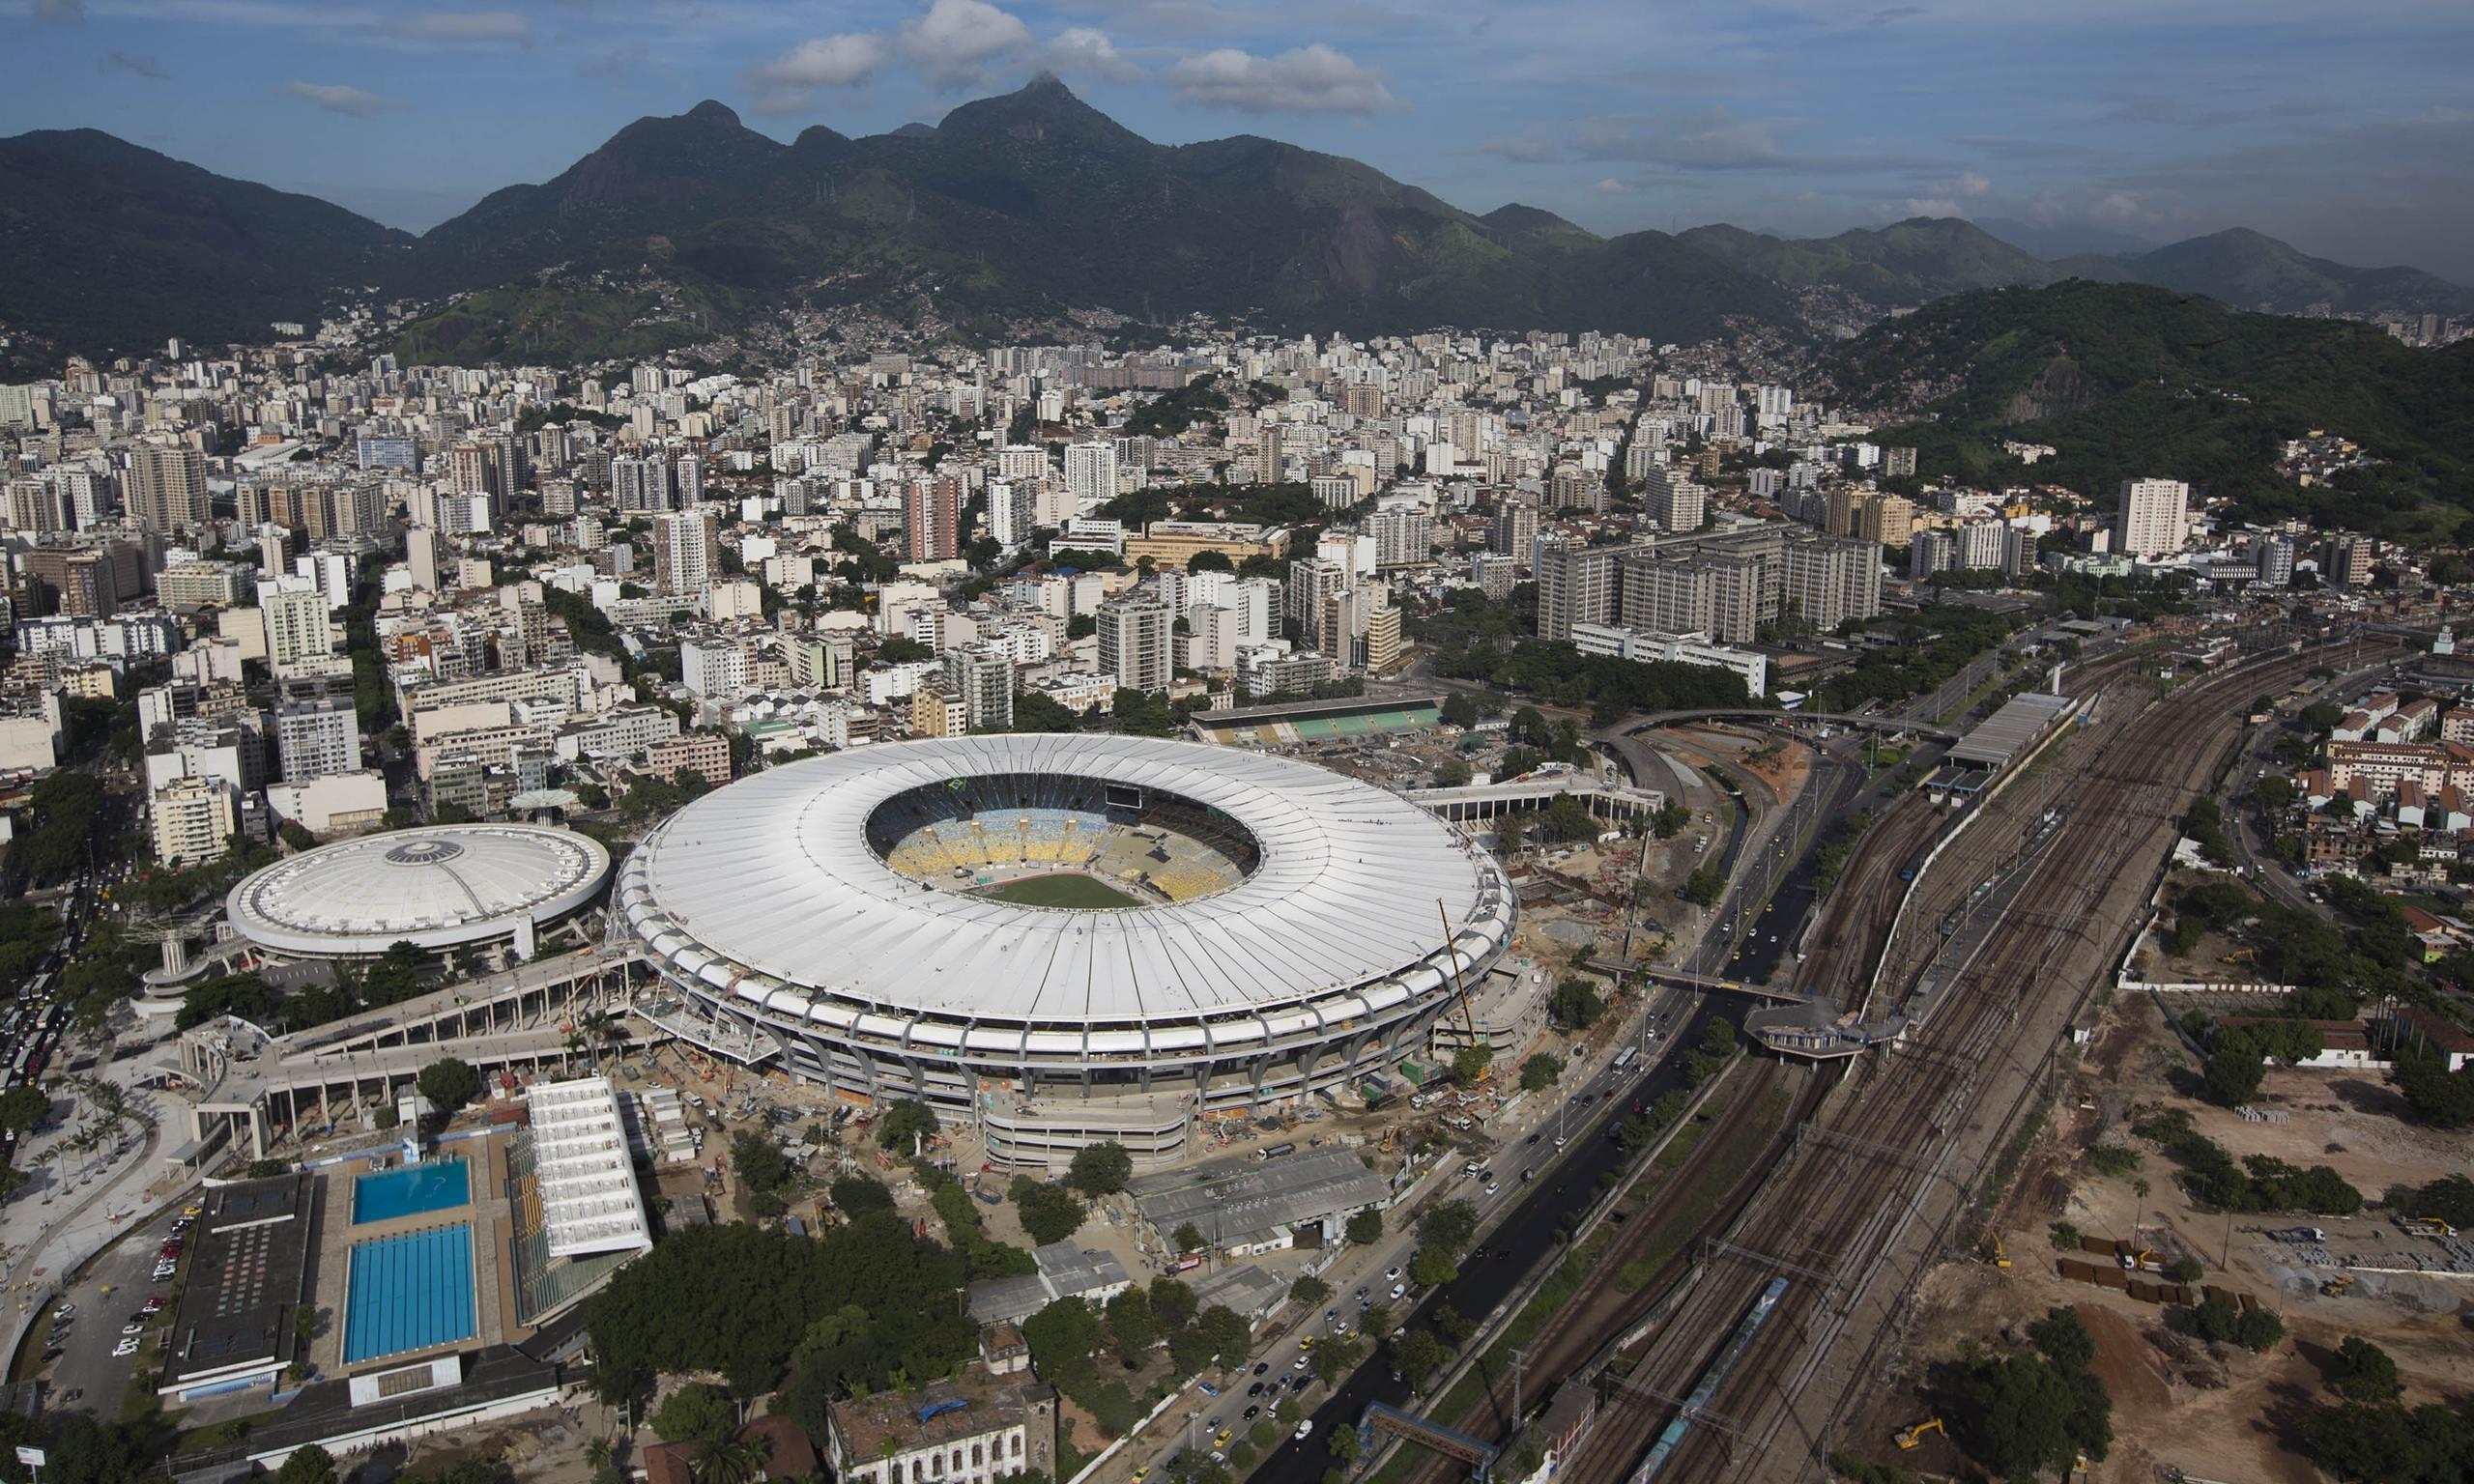 Rio De Janeiro Wallpaper Iphone Rio De Janeiro Stadium World Cup Hd Wallpapers